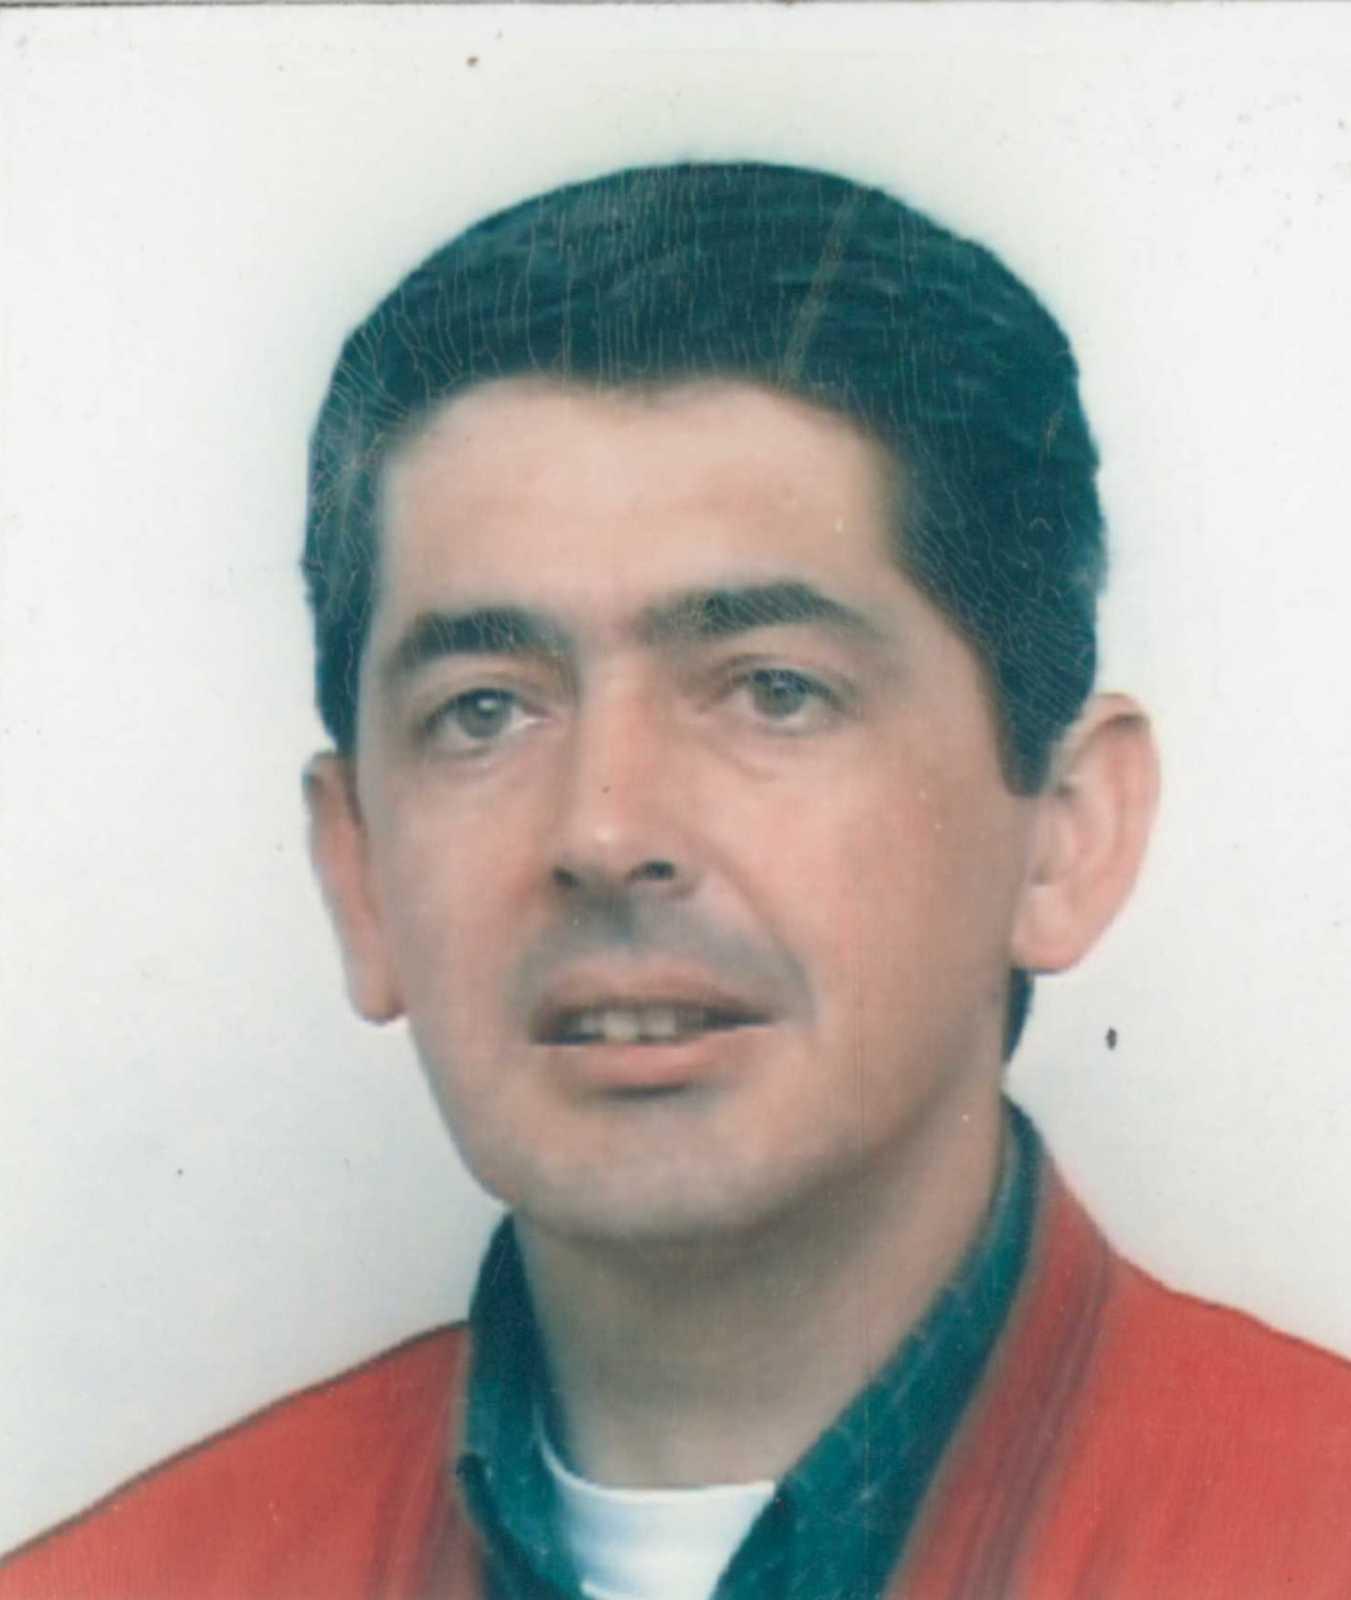 <br>António José de Oliveira da Cruz Macheira